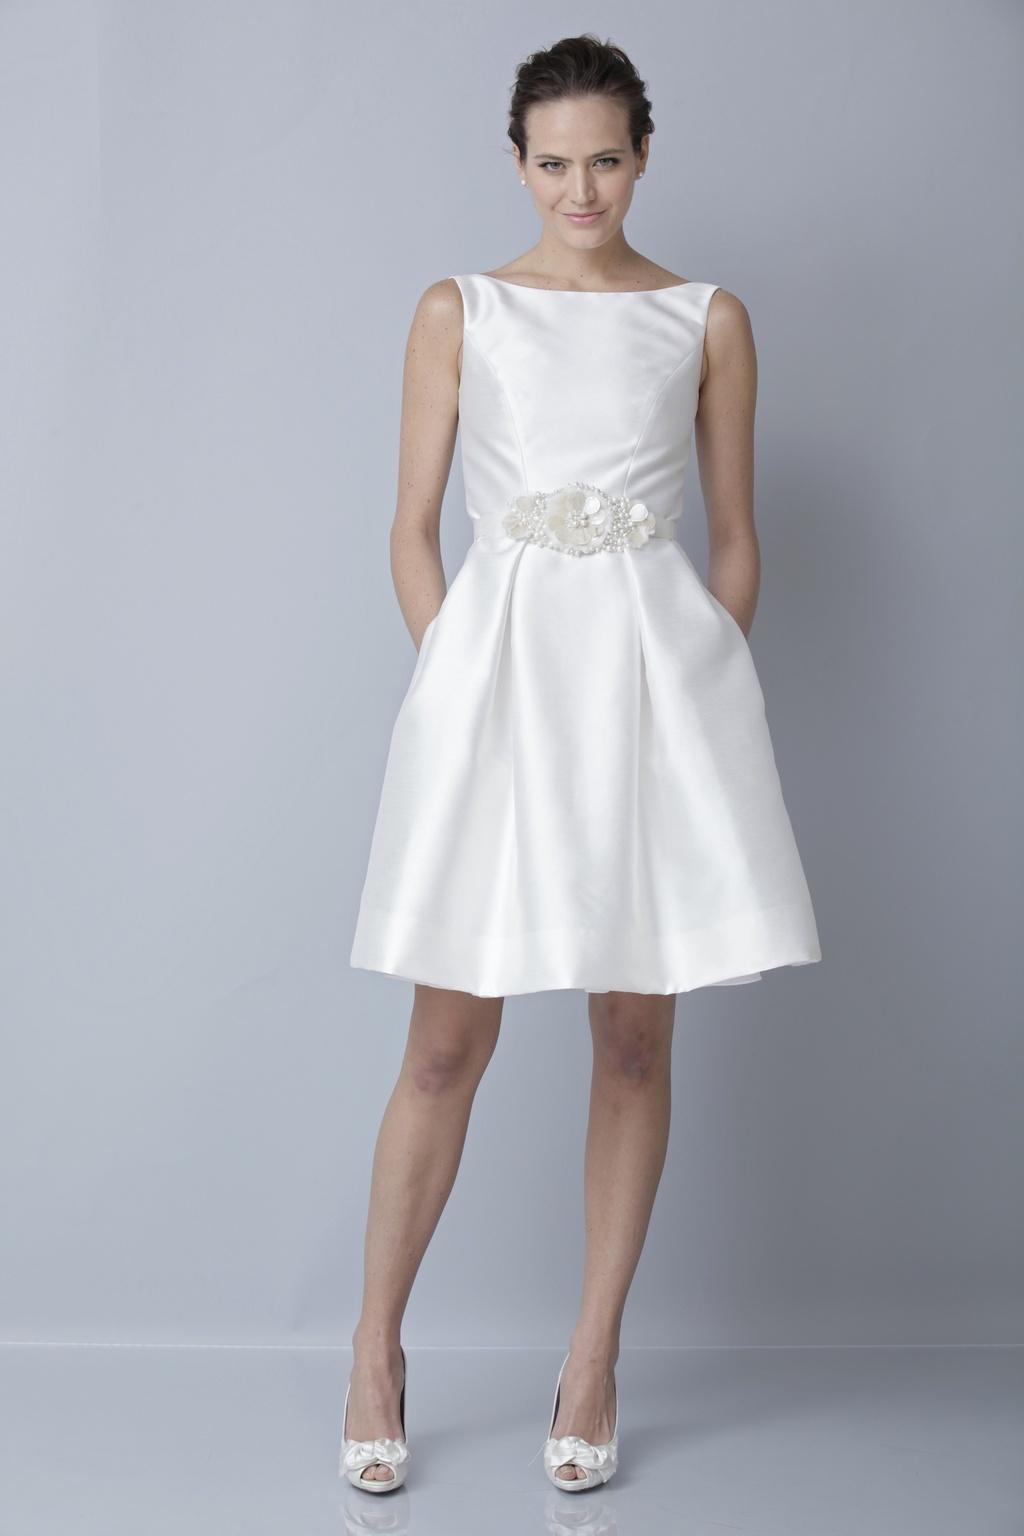 2013-wedding-dress-by-theia-bridal-gowns-lwd.full